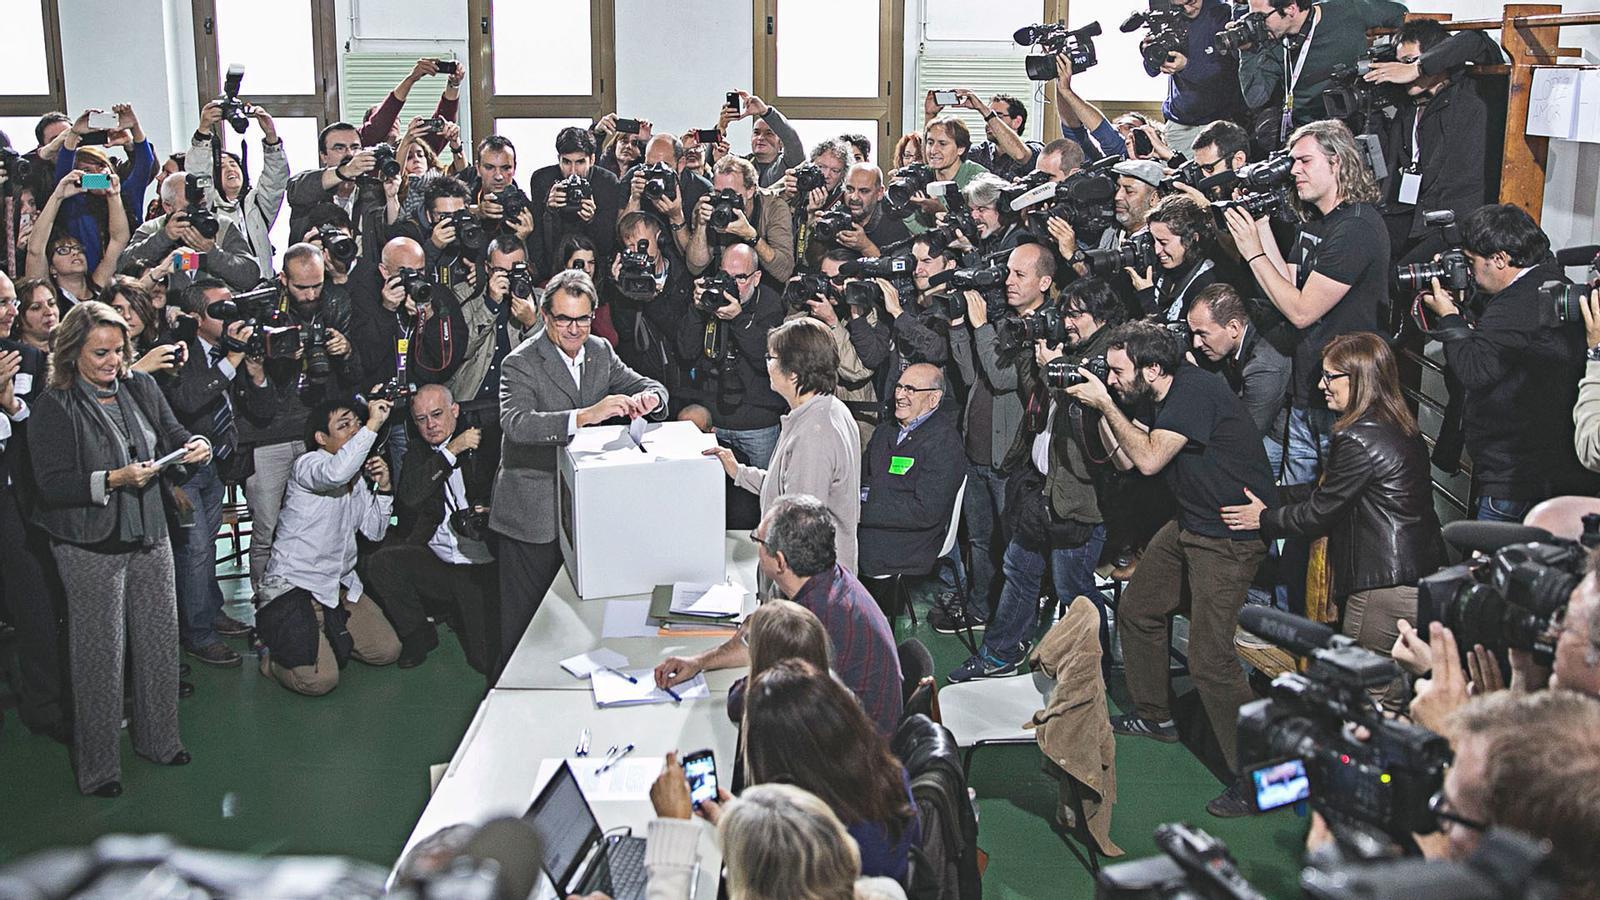 L'anàlisi d'Antoni Bassas: '4,9 milions d'euros contra 2,3 milions de vots'